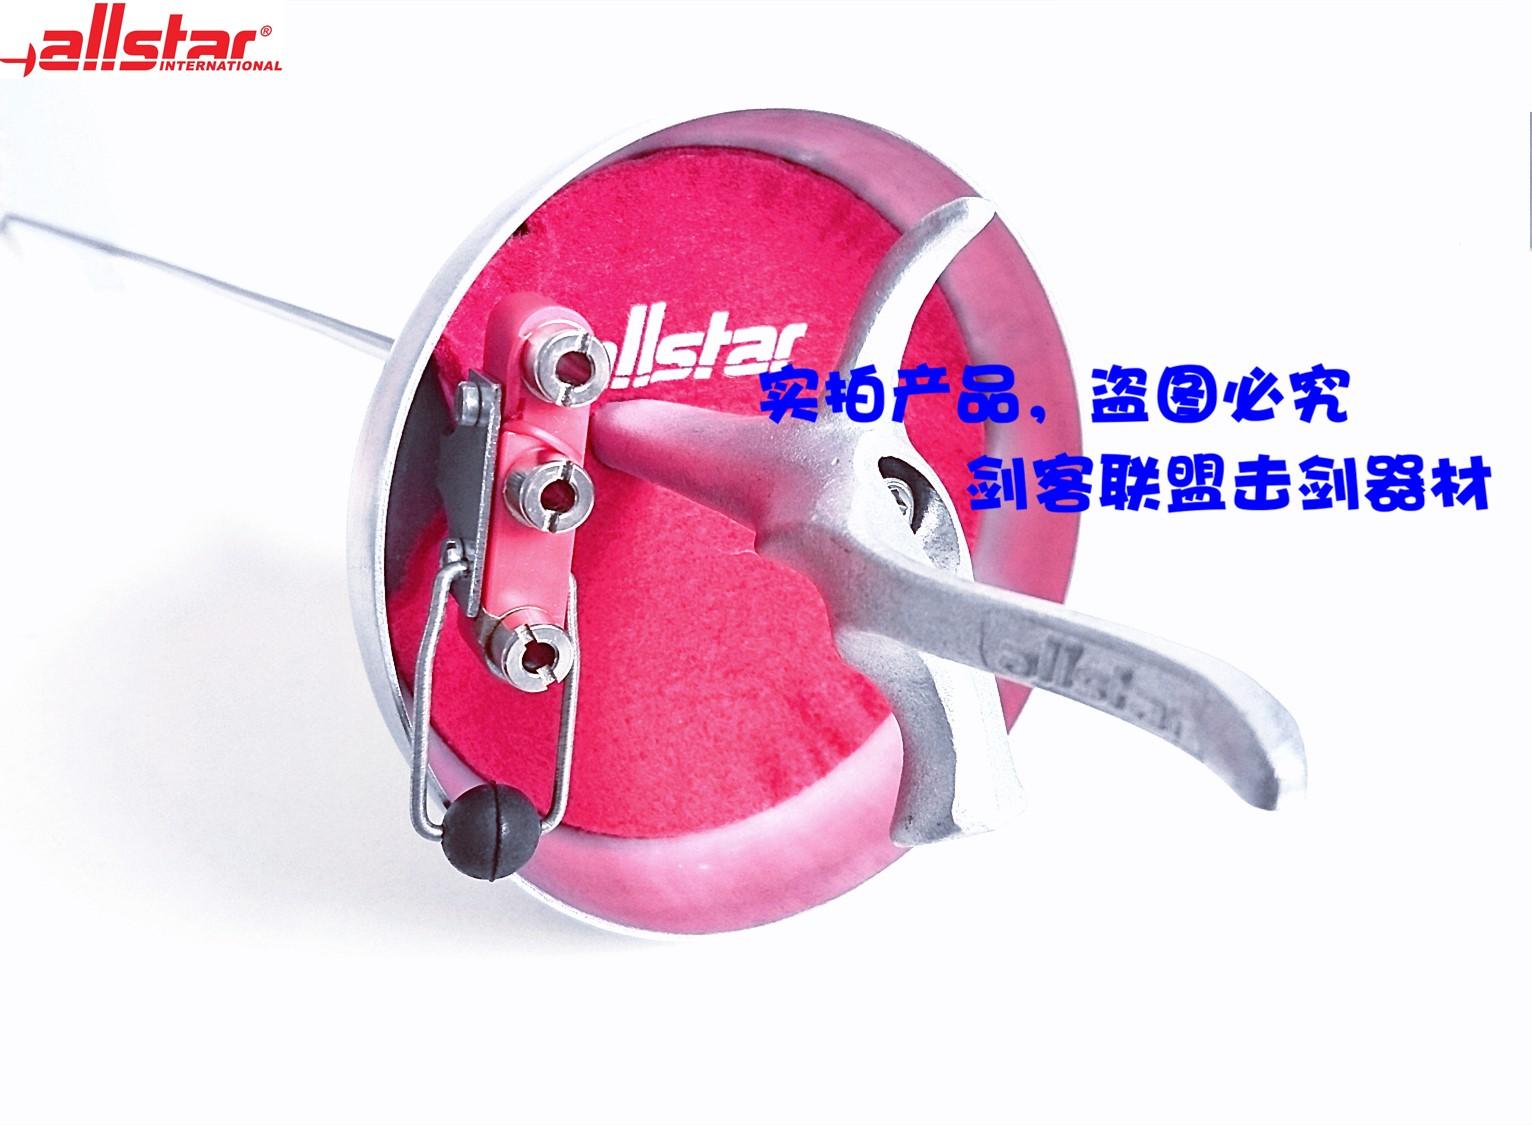 [ товар в наличии ] Германия импортировала оборудование для фехтования: сталь Allstar Pu детские Меч электрический меч(Нет. 0)